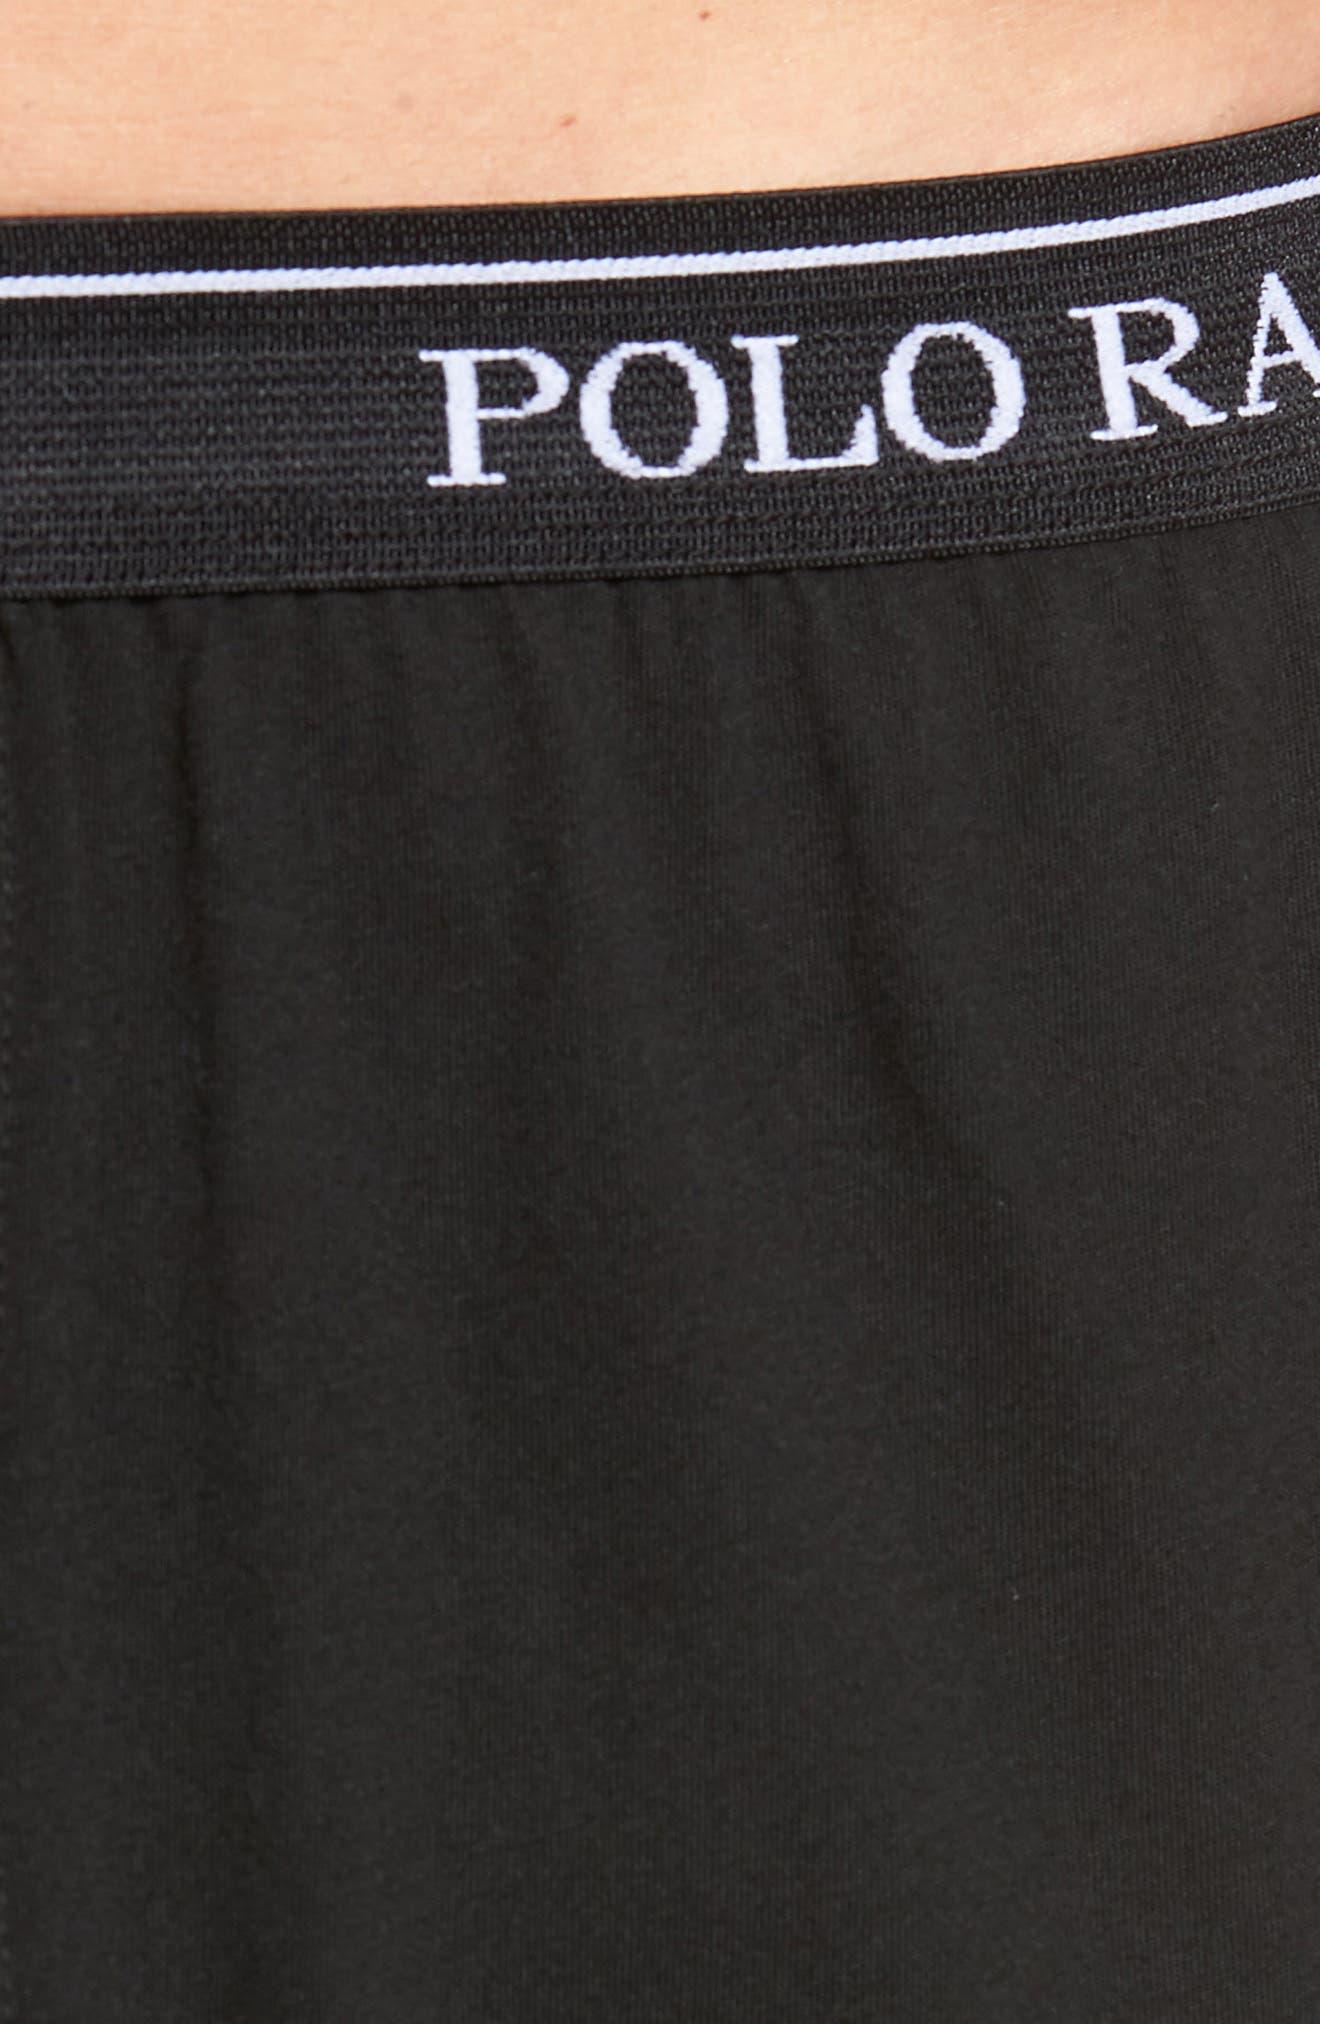 ,                             Polo Ralph Lauren 3-Pack Cotton Boxers,                             Alternate thumbnail 6, color,                             POLO BLACK